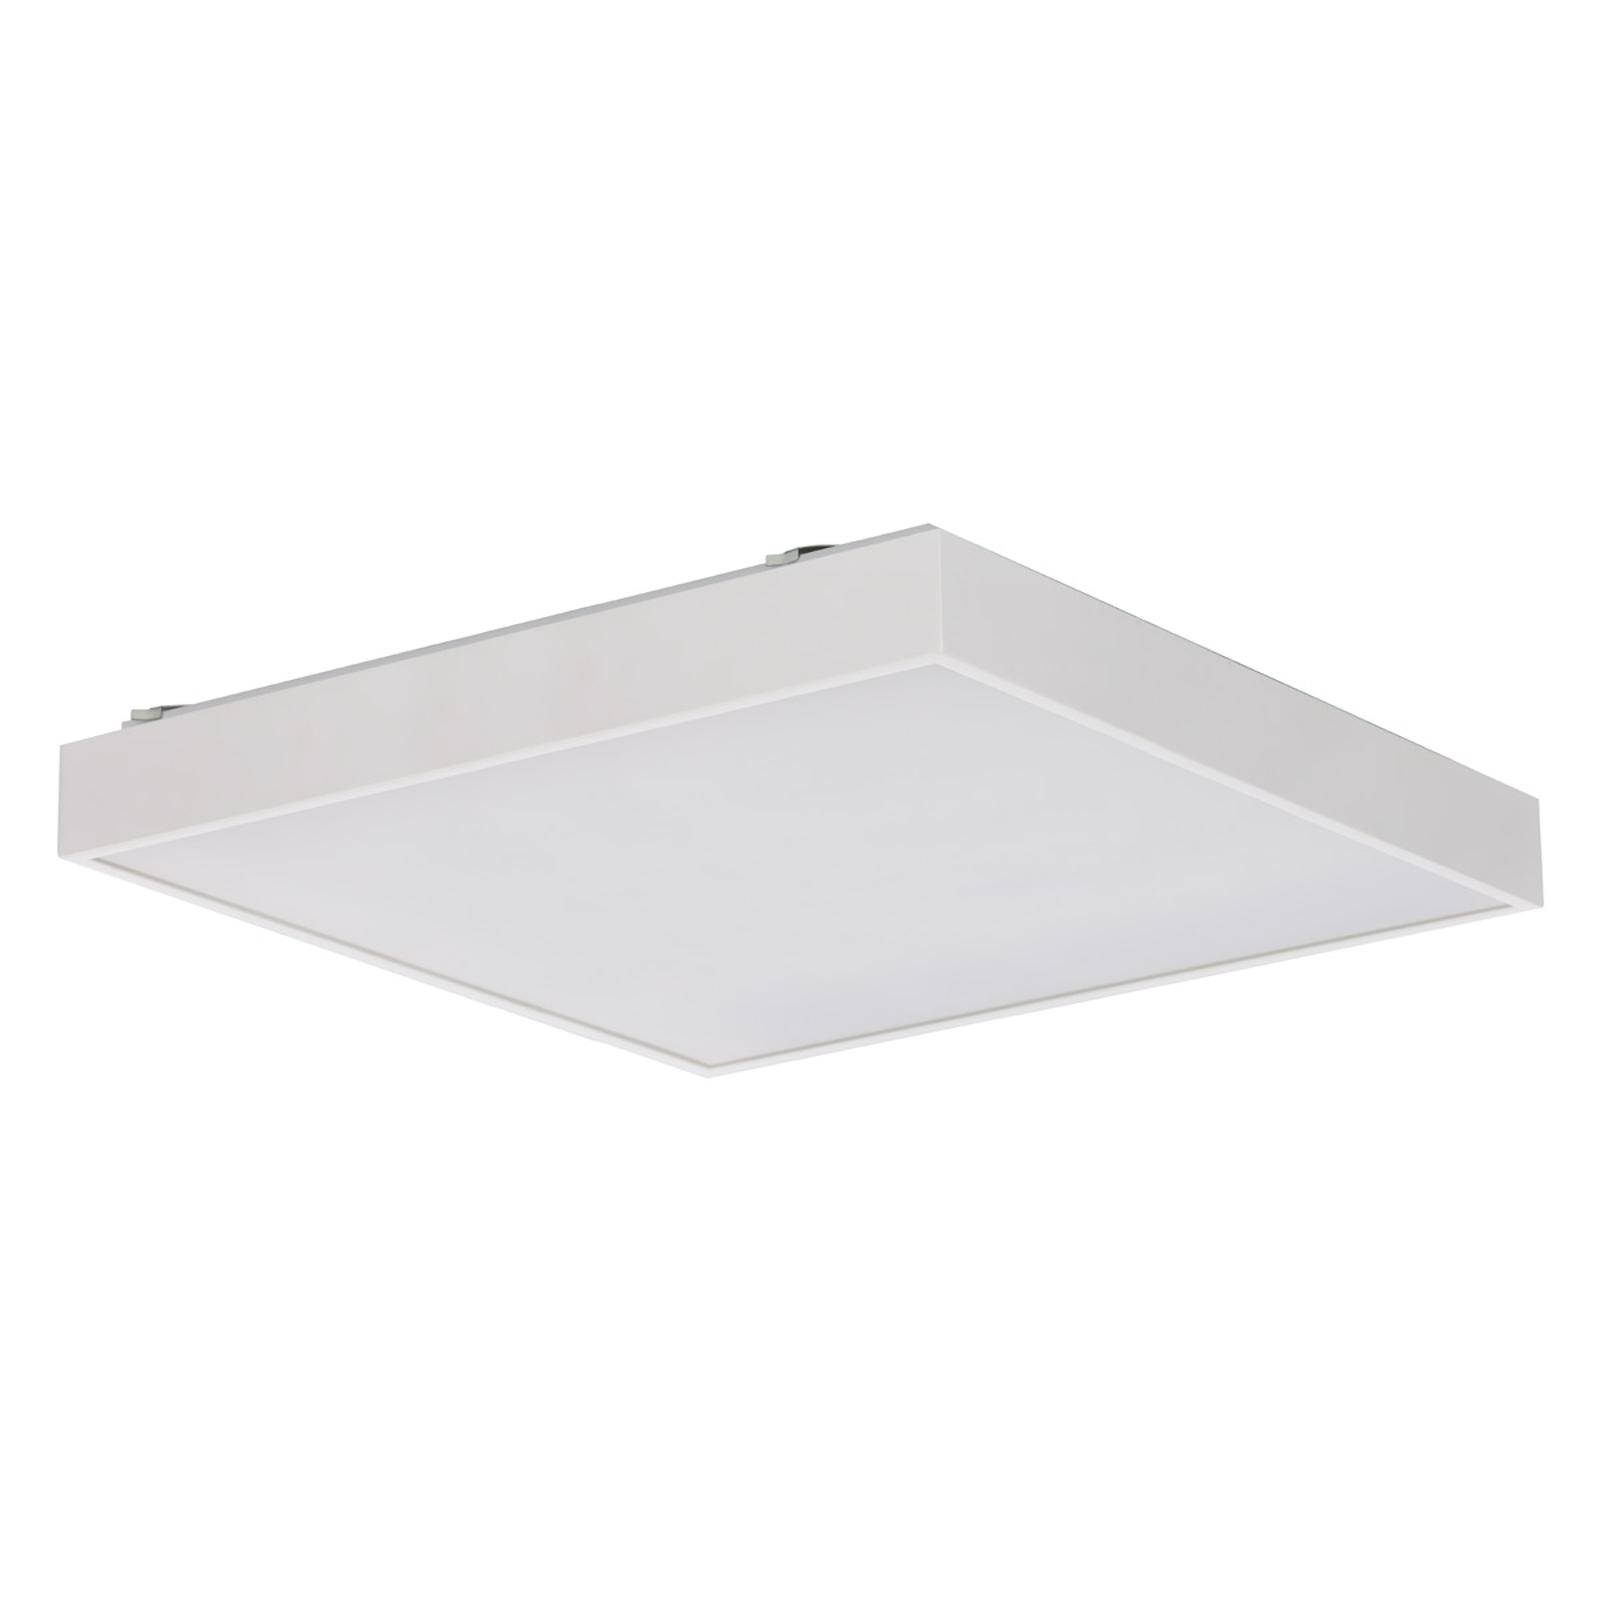 Energiezuinige led-plafondlamp Q6, wit DALI